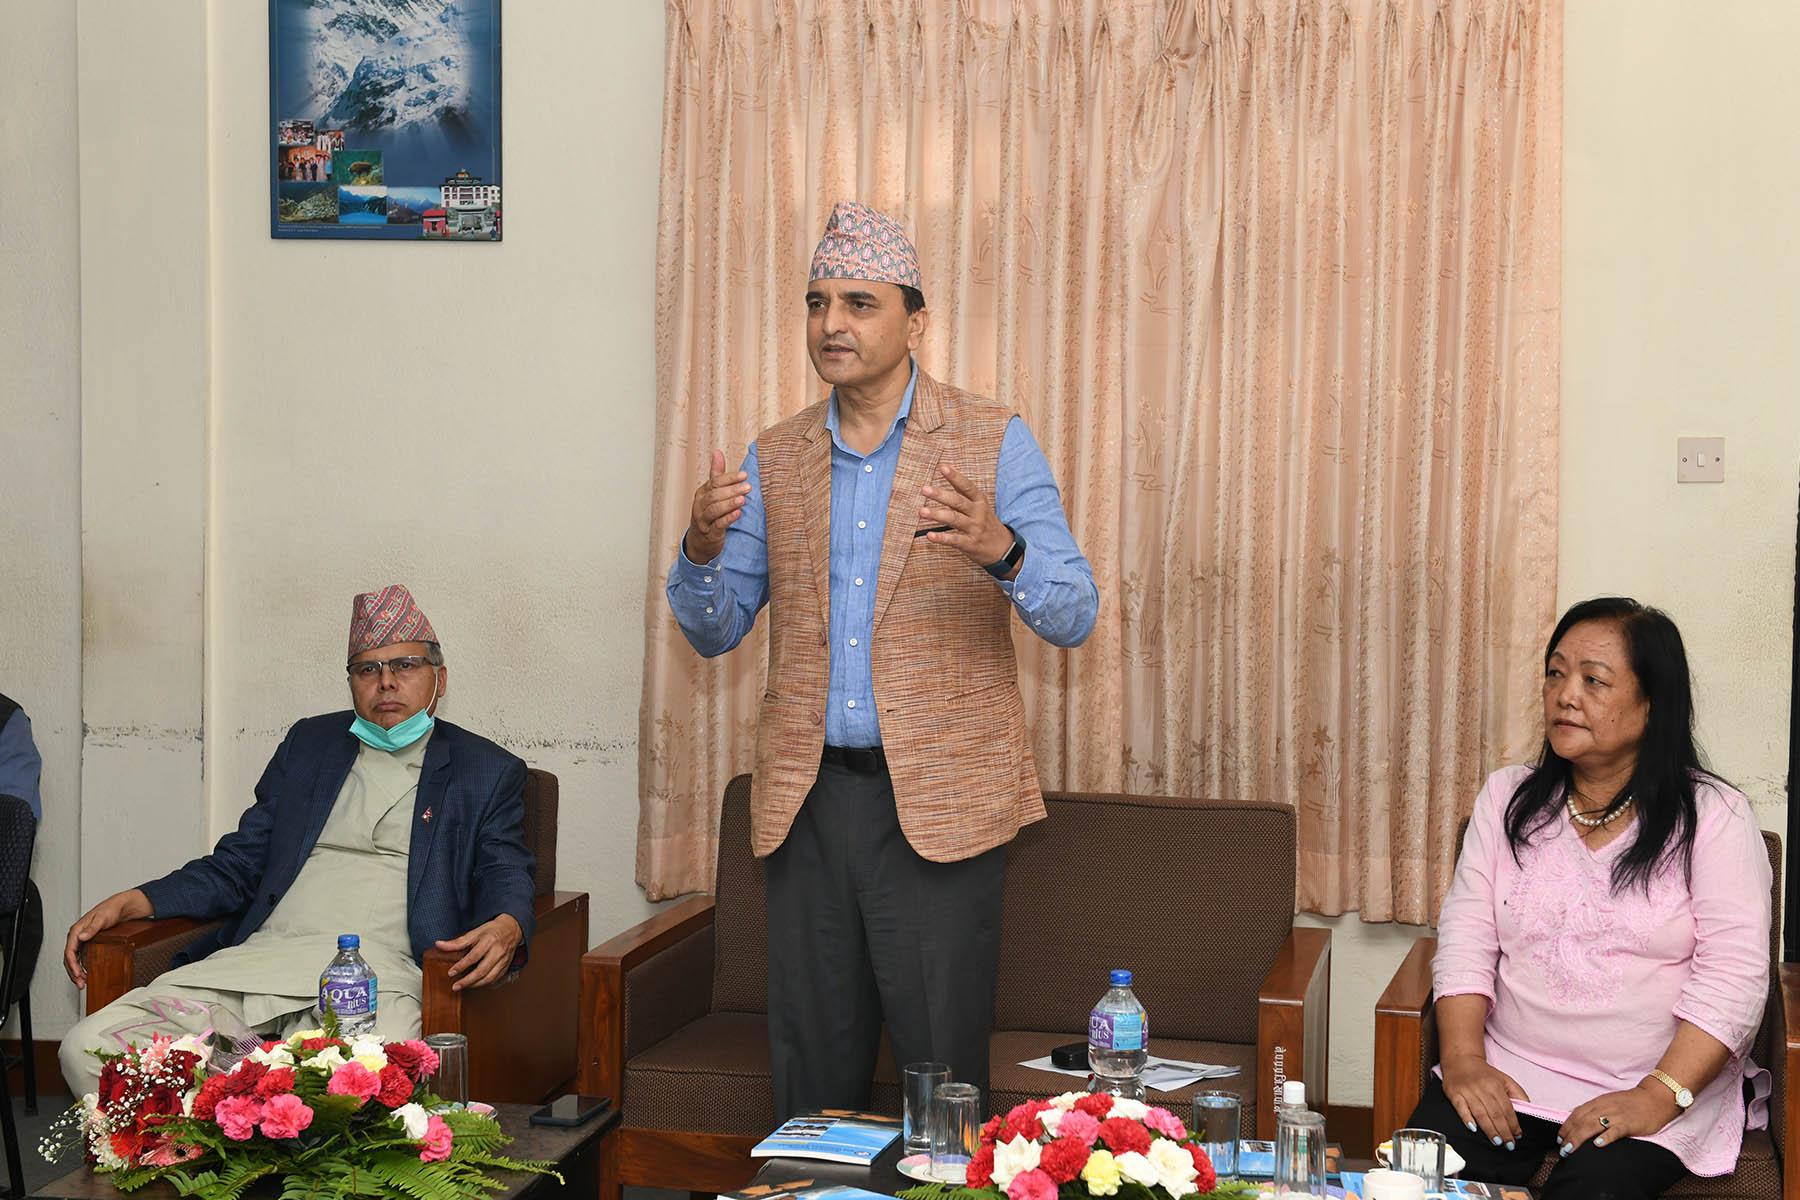 माननीय मन्त्रीज्यूबाट नेपाल पर्वतीय प्रशिक्षण प्रतिष्ठानको आ.व. २०७६/०७७ को प्रगति तथा आगामी कार्ययोजनाको निर्देशन सहित अवलोकनका क्रममा खिचिएका तस्वीरहरु- (२०७७-०४-०१)